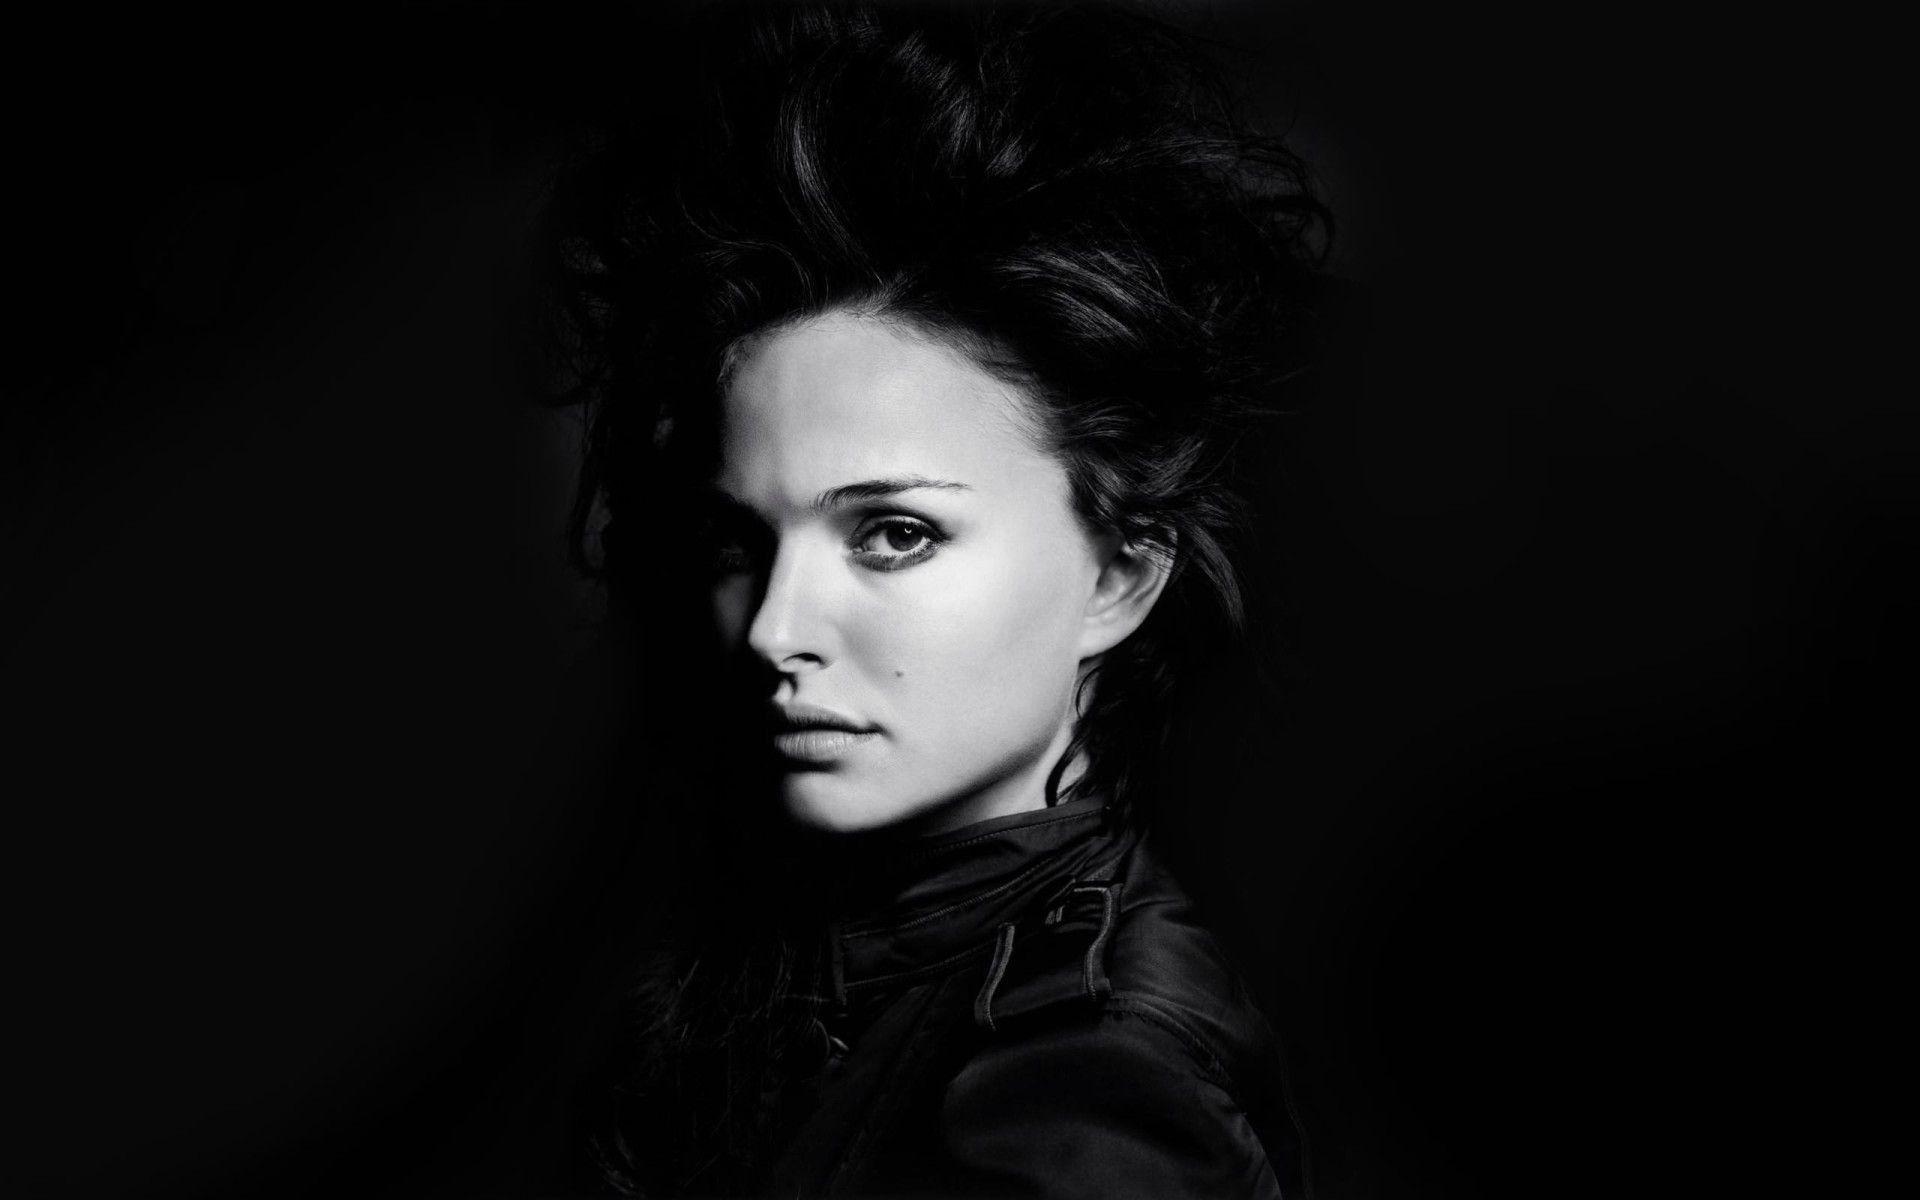 Image Result For Natalie Portman Hd Wallpaper Natalie Portman Wallpapers Wallpaper Cave